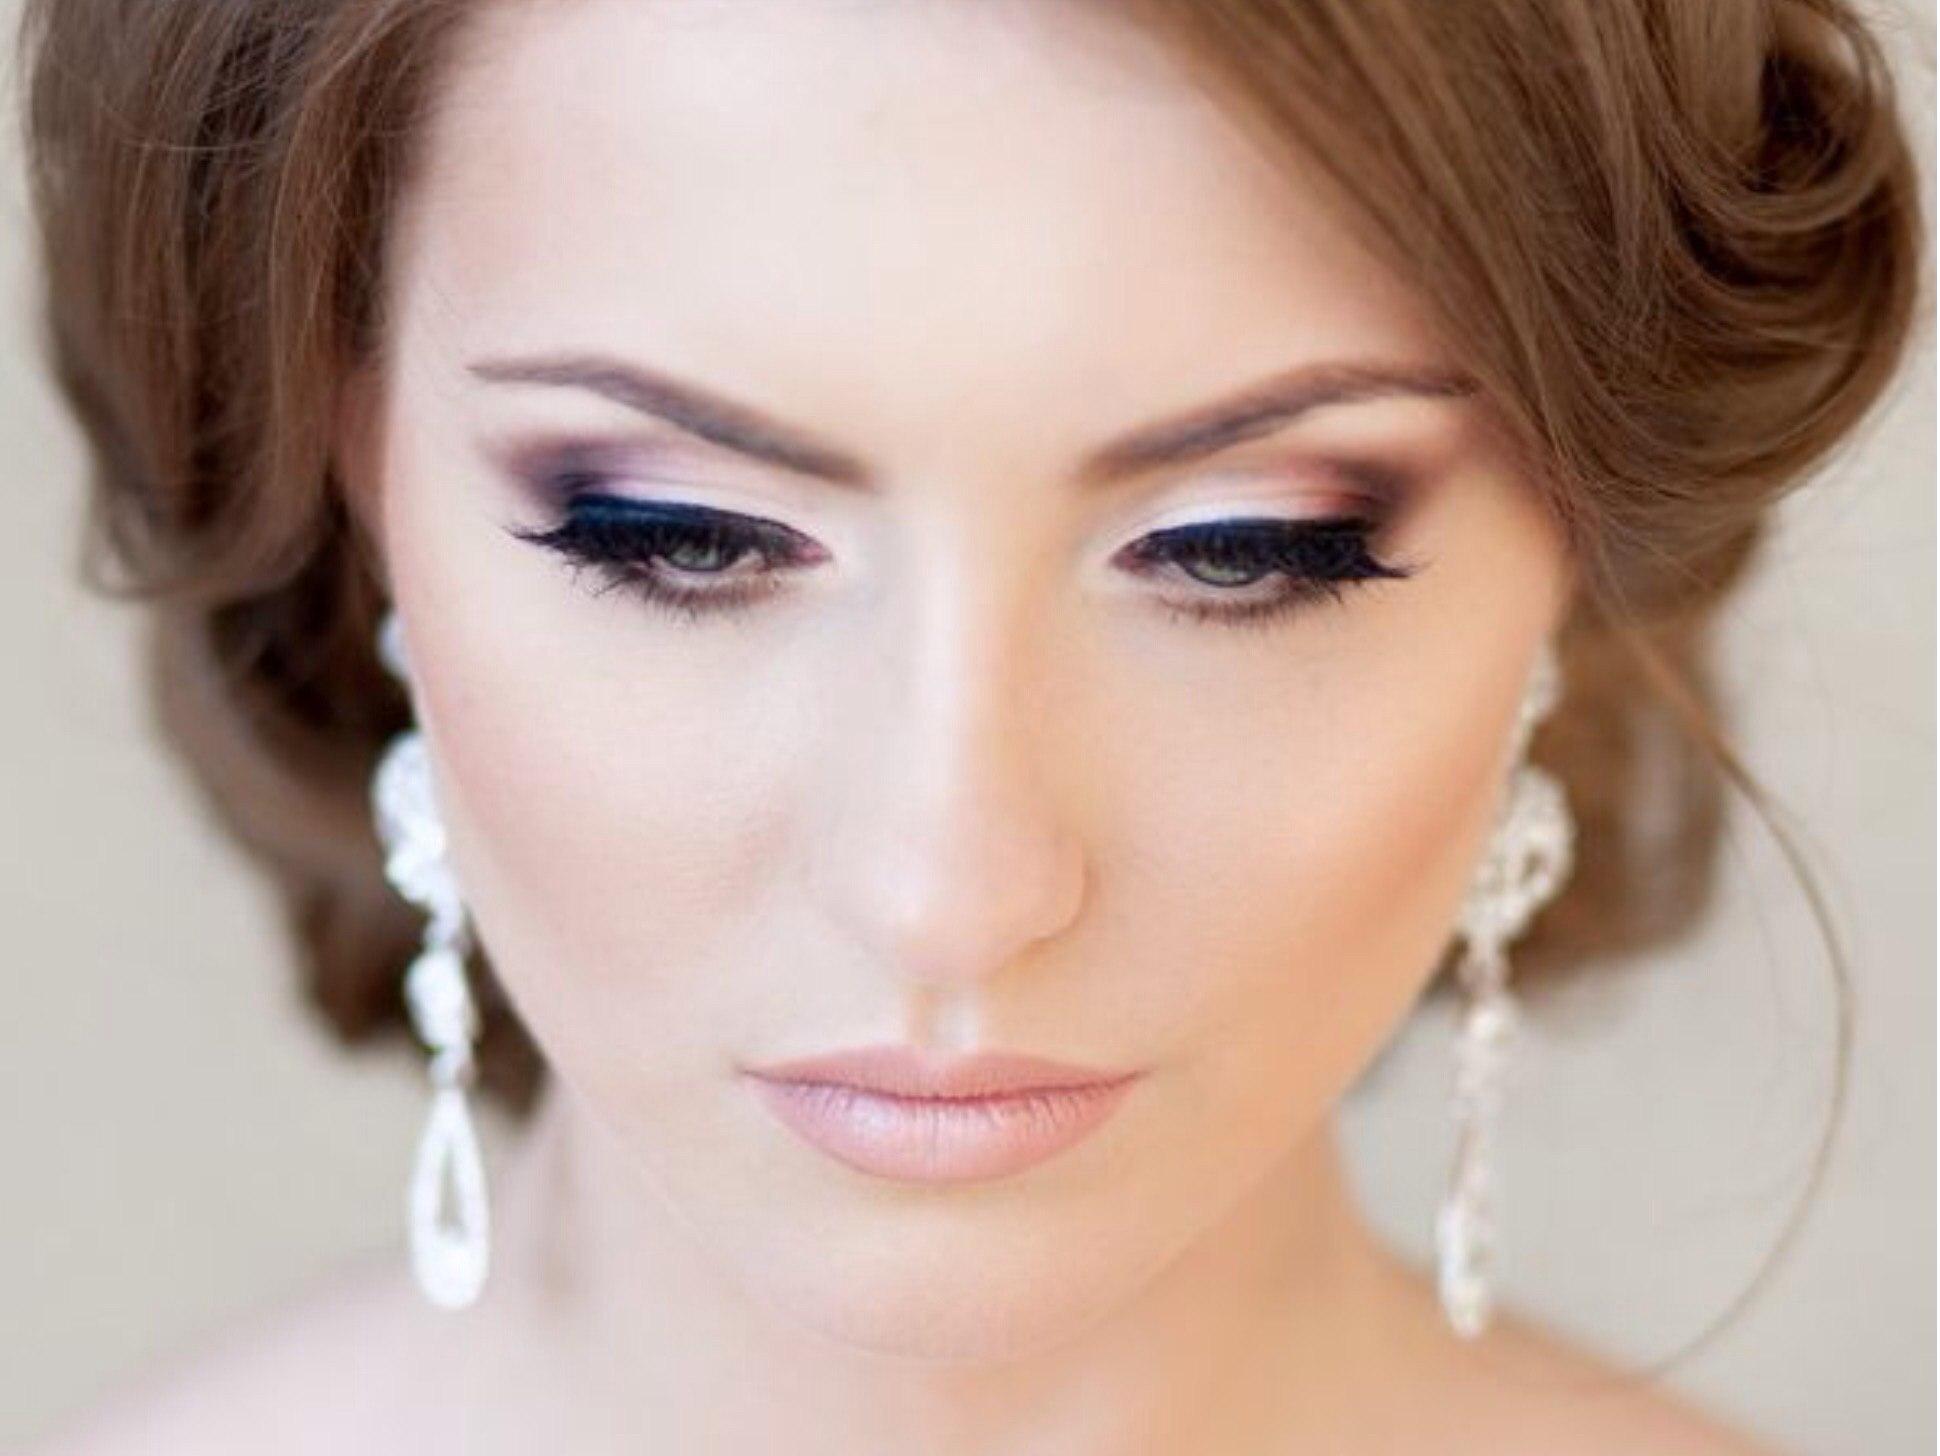 Естественный макияж: благородно и просто